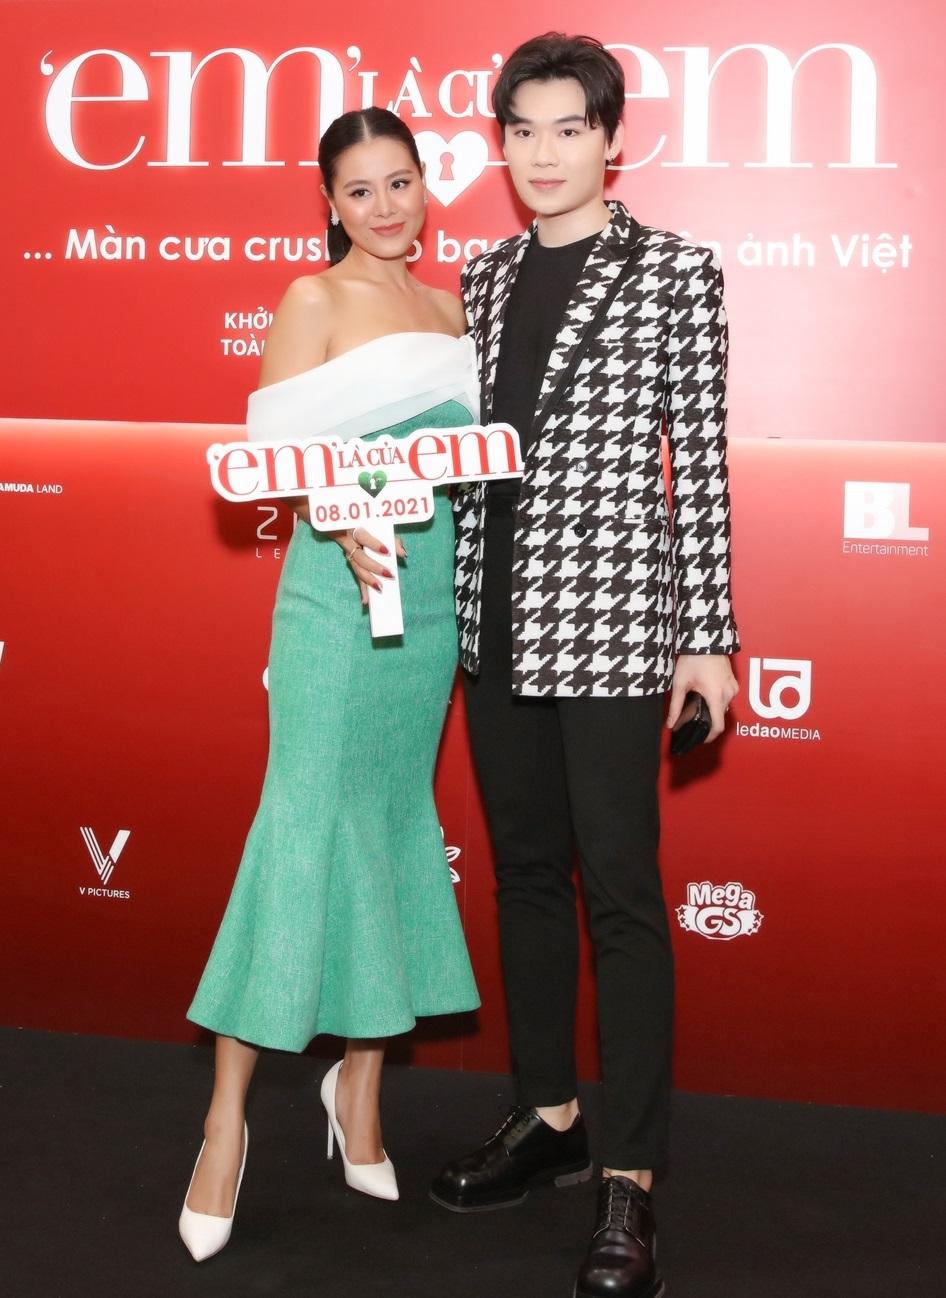 """""""Kiều nữ làng hài"""" và diễn viên Quang Trung trên thảm đỏ"""